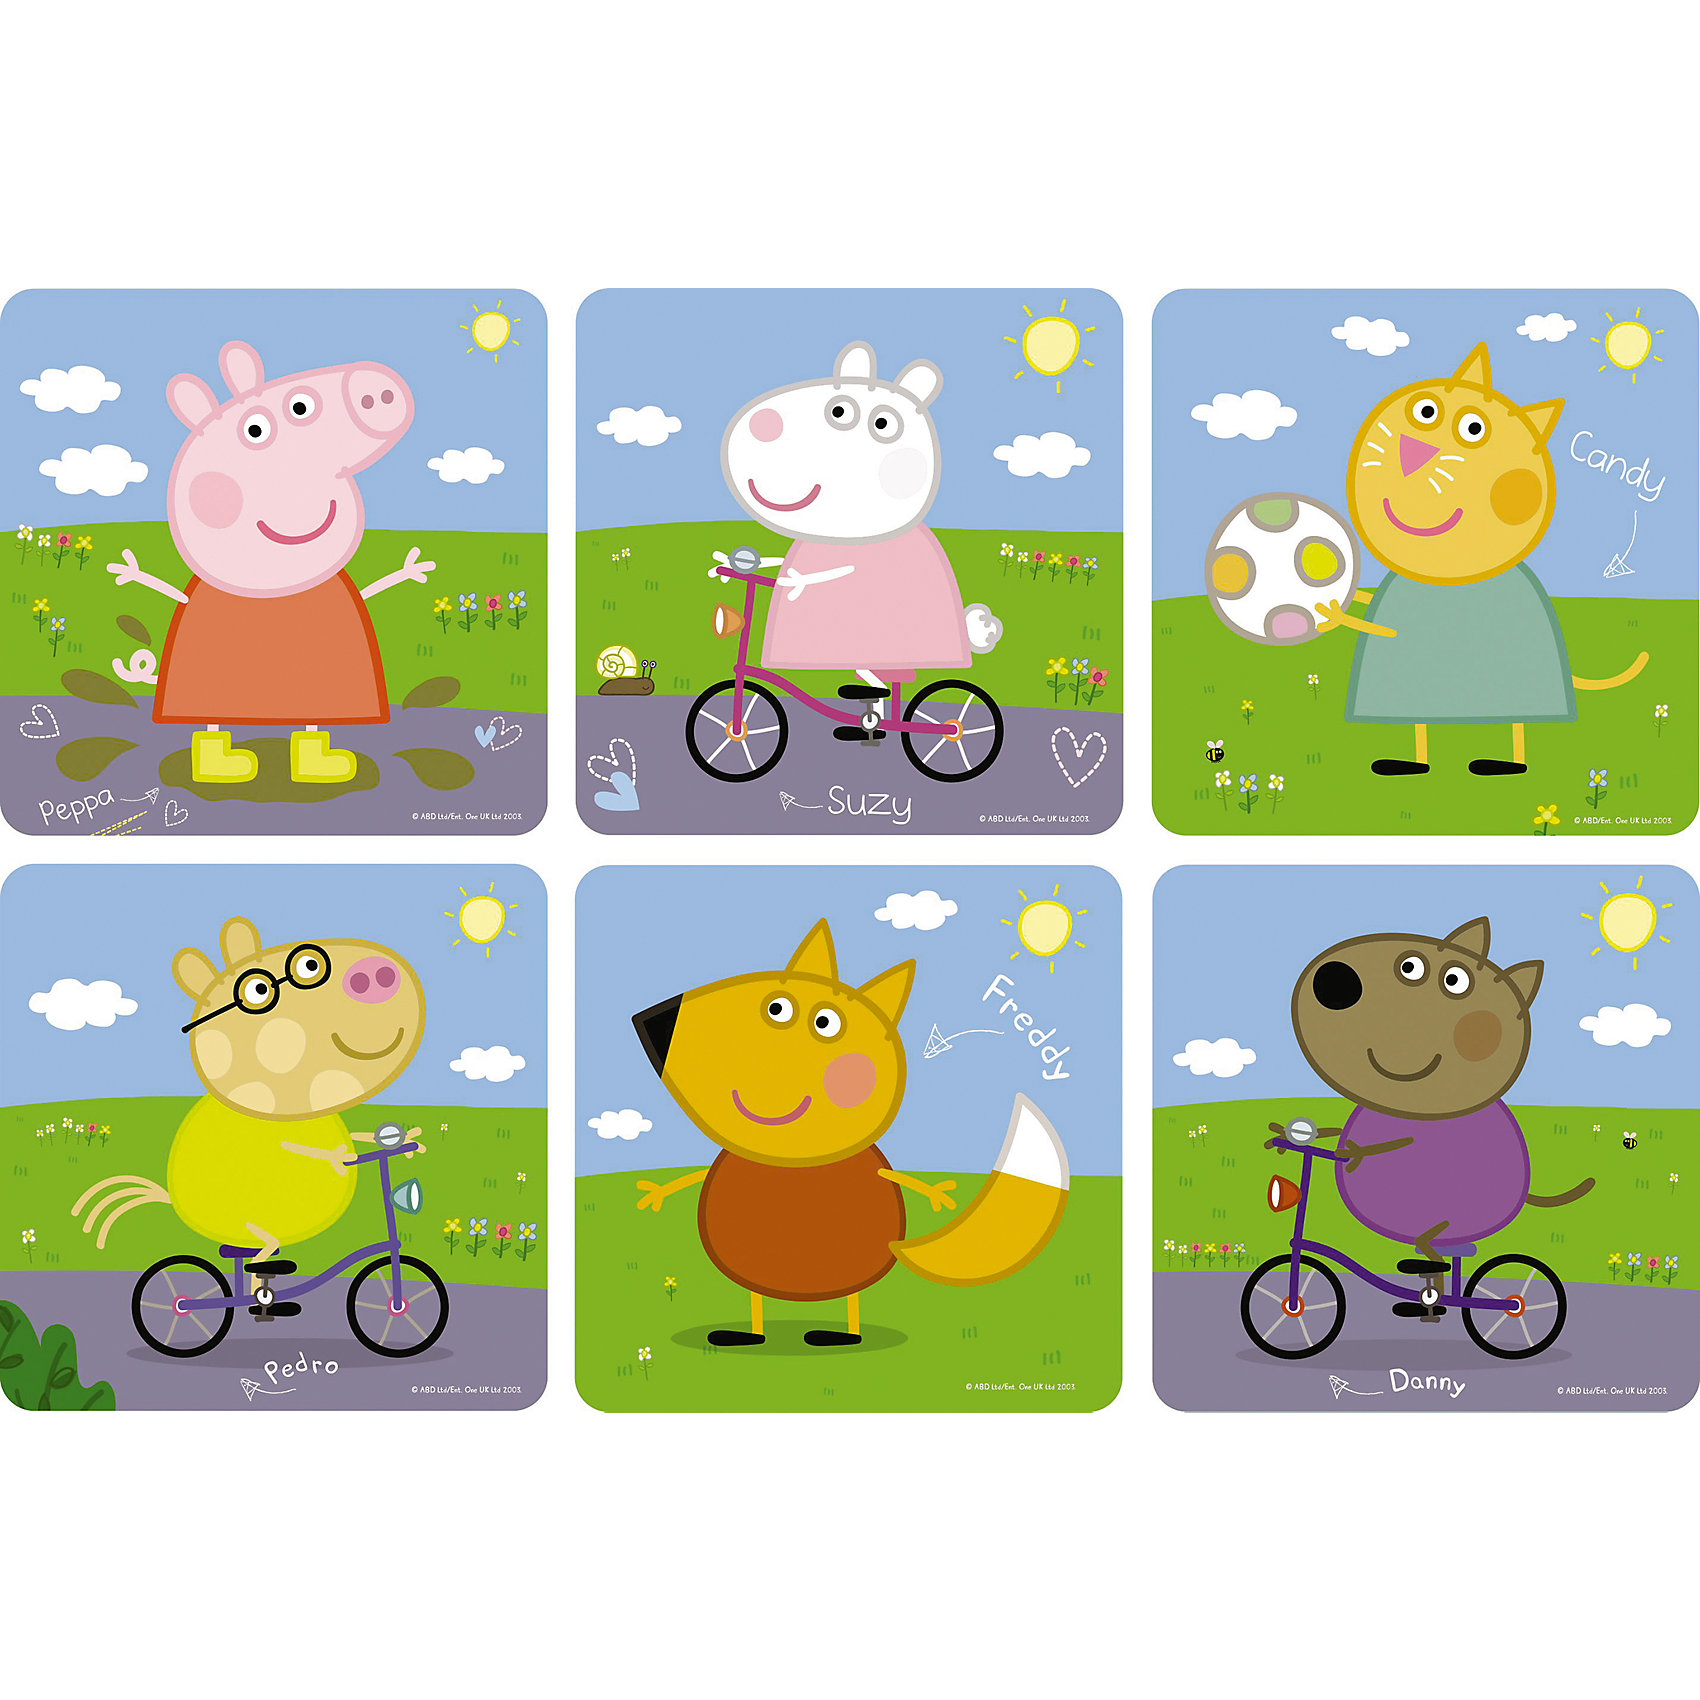 Пазл 6 в 1, Свинка ПеппаПазл 6 в 1, Свинка Пеппа - это шесть увлекательных пазлов, созданные для детей, которые любят с интересом и пользой проводить время.<br>Яркие и красочные пазлы сделаны по мотивам мультсериала о приключениях симпатичной маленькой свинки Пеппы. С помощью входящих в набор деталей ваш ребенок сможет шесть красочных картинок с изображением свинки Пеппы и ее друзей. Детали прекрасно соединяются между собой, не расслаиваются и не ломаются при сборке. Эта головоломка позволит ребенку развить мелкую моторику рук, терпение, усидчивость, зрительную память и научит мыслить логически.<br><br>Дополнительная информация:<br><br>- Материал: картон<br>- Размер коробки: 18x5x18 мм.<br>- Вес: 178 гр.<br><br>Пазл 6 в 1, Свинка Пеппа можно купить в нашем интернет-магазине.<br><br>Ширина мм: 180<br>Глубина мм: 50<br>Высота мм: 180<br>Вес г: 178<br>Возраст от месяцев: 36<br>Возраст до месяцев: 96<br>Пол: Унисекс<br>Возраст: Детский<br>SKU: 4335006